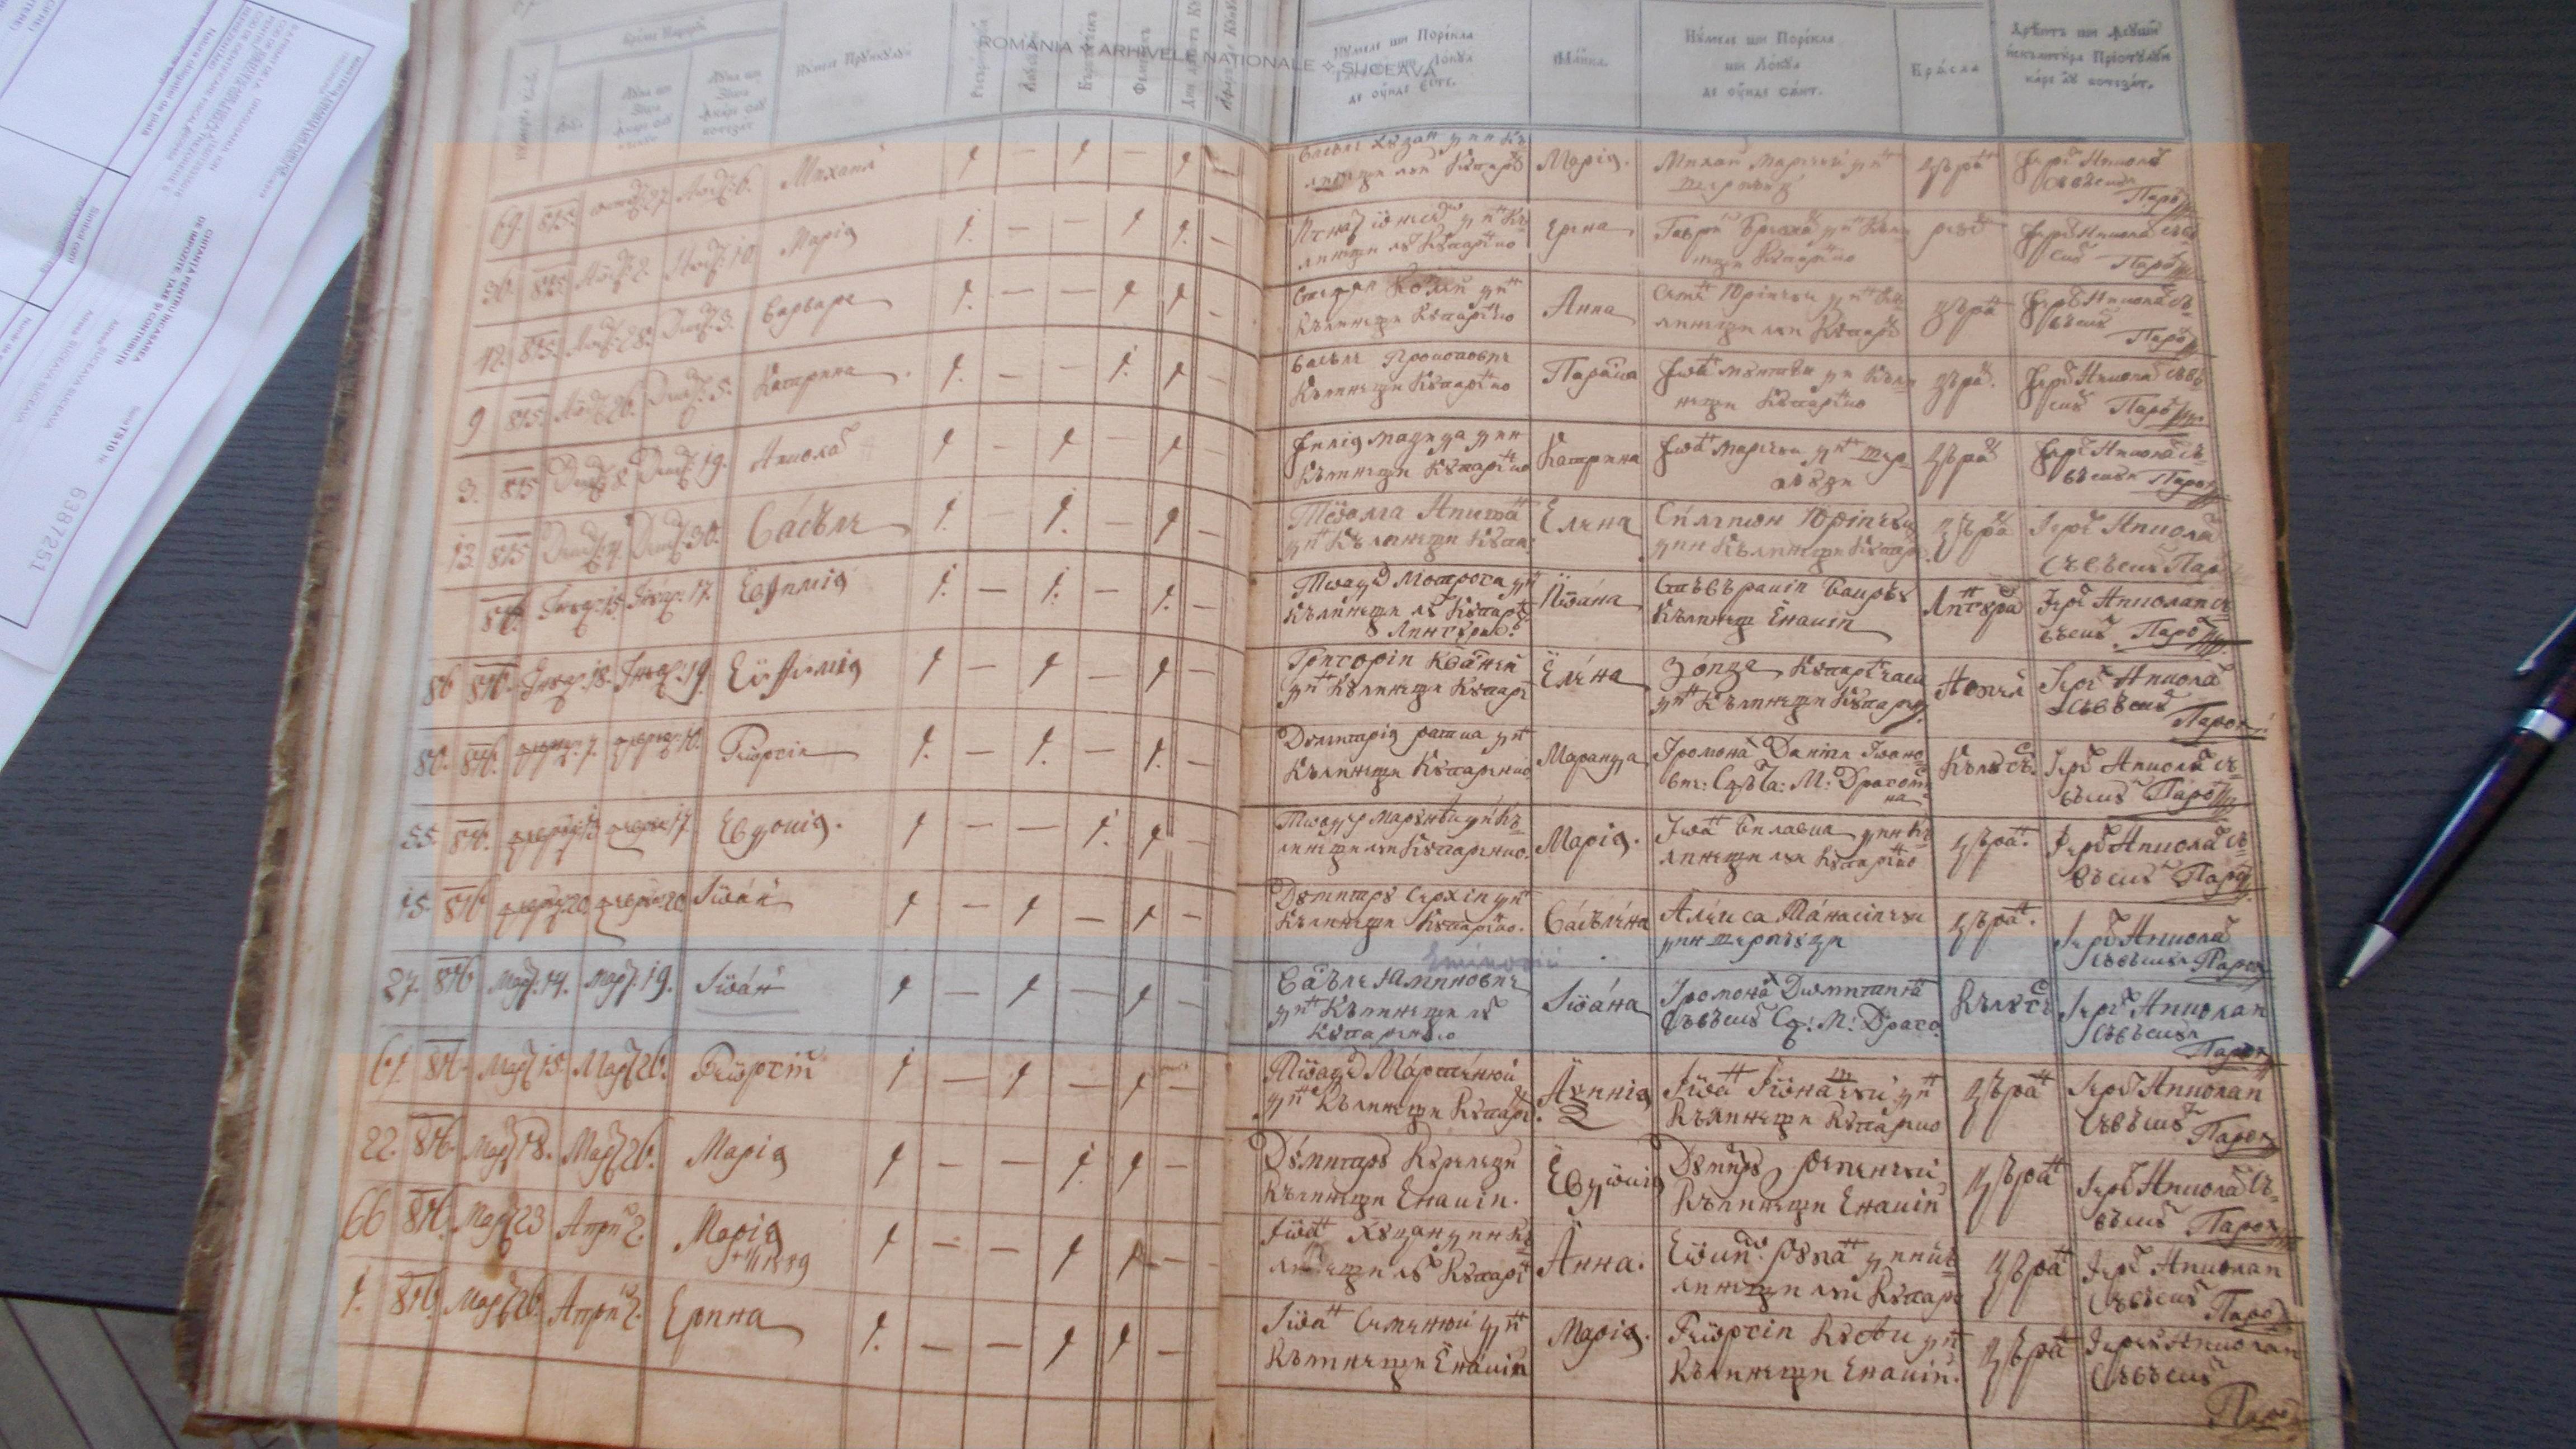 Pagina de condică parohială care consemnează naşterea lui Ioan Eminovici, singurul dintre cei trei fraţi, care rămâne în Călineşti